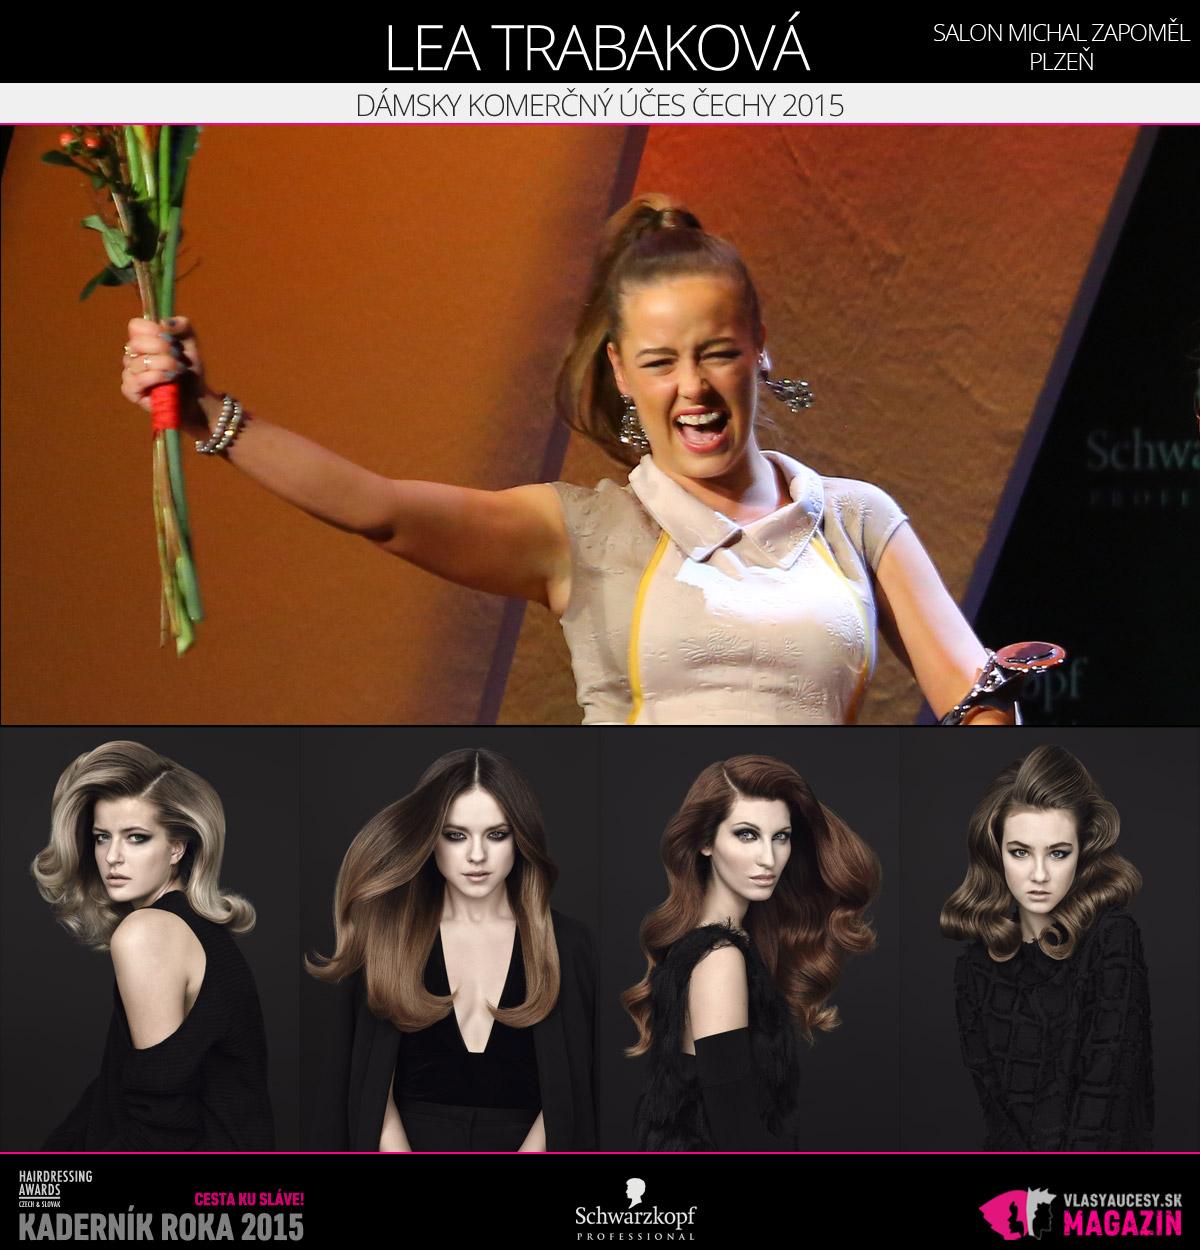 Víťazom v kategórii Dámsky komerčný účes Čechy Czech and Slovak Hairdressing Awards 2015 je Lea Trabaková zo Salónu Michal Zapoměl v Plzni.